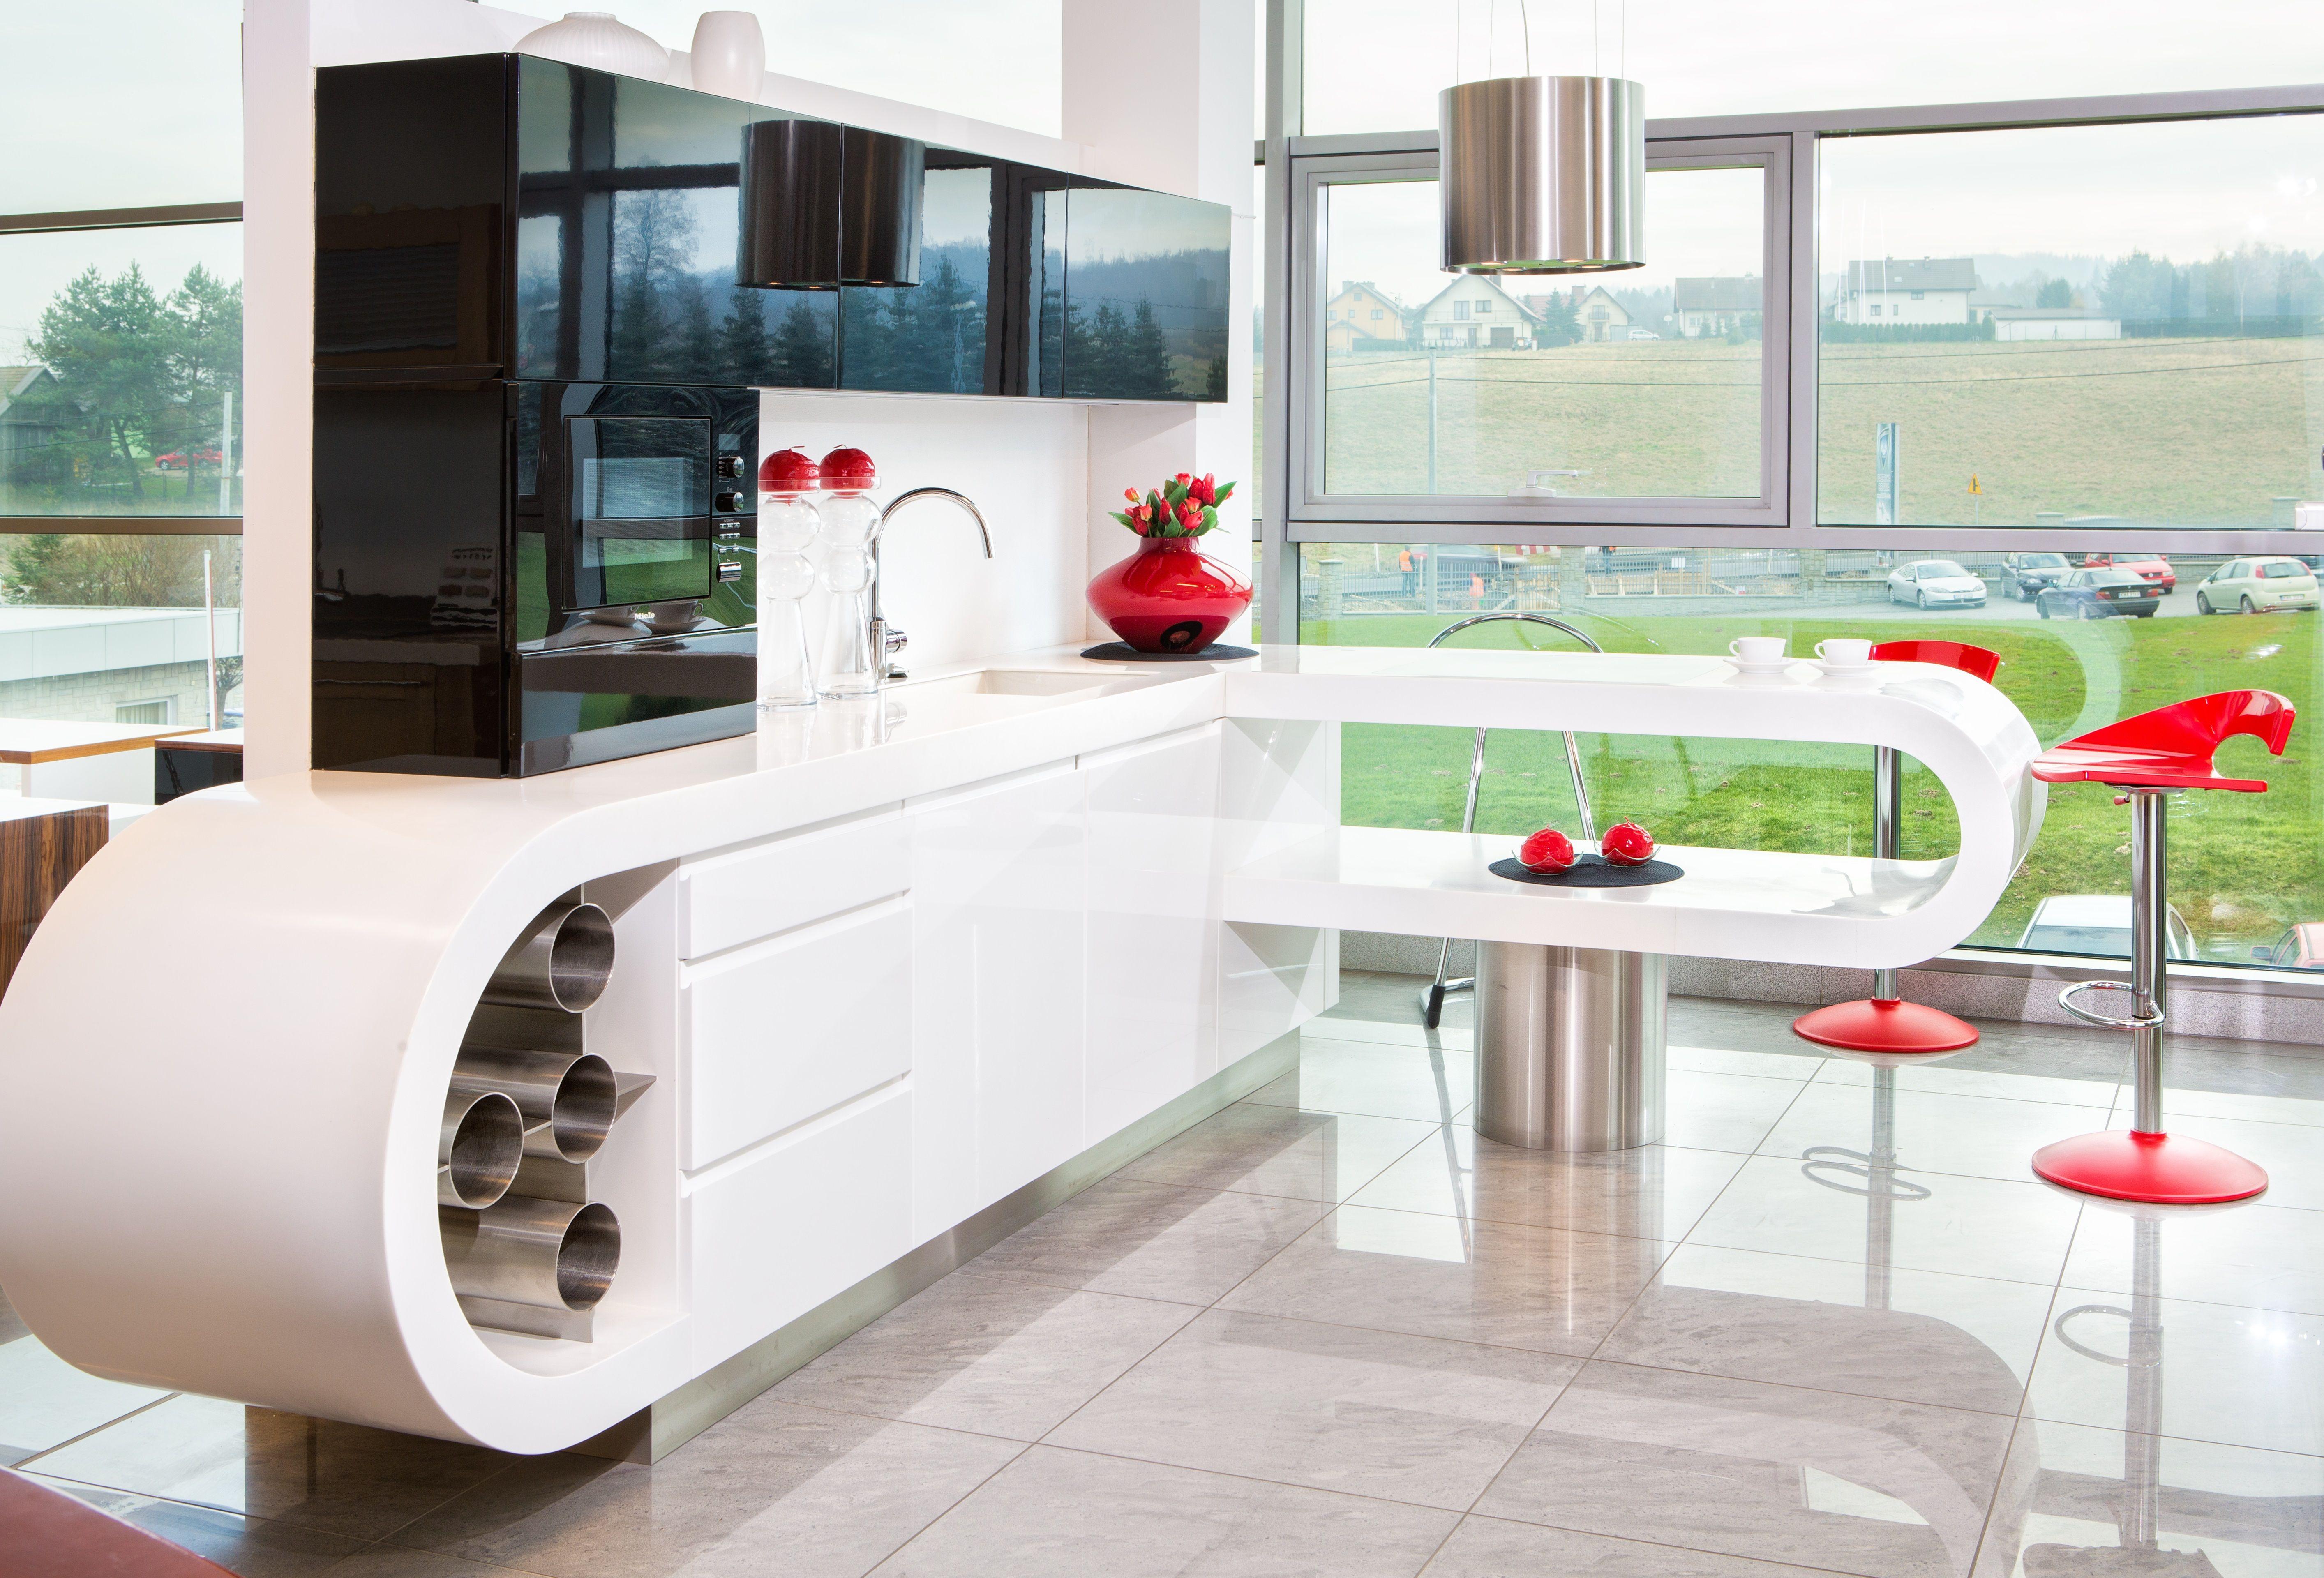 Kuchnia Czarno Biala Lakierowana Wysoki Polysk Decor Home Decor Furniture